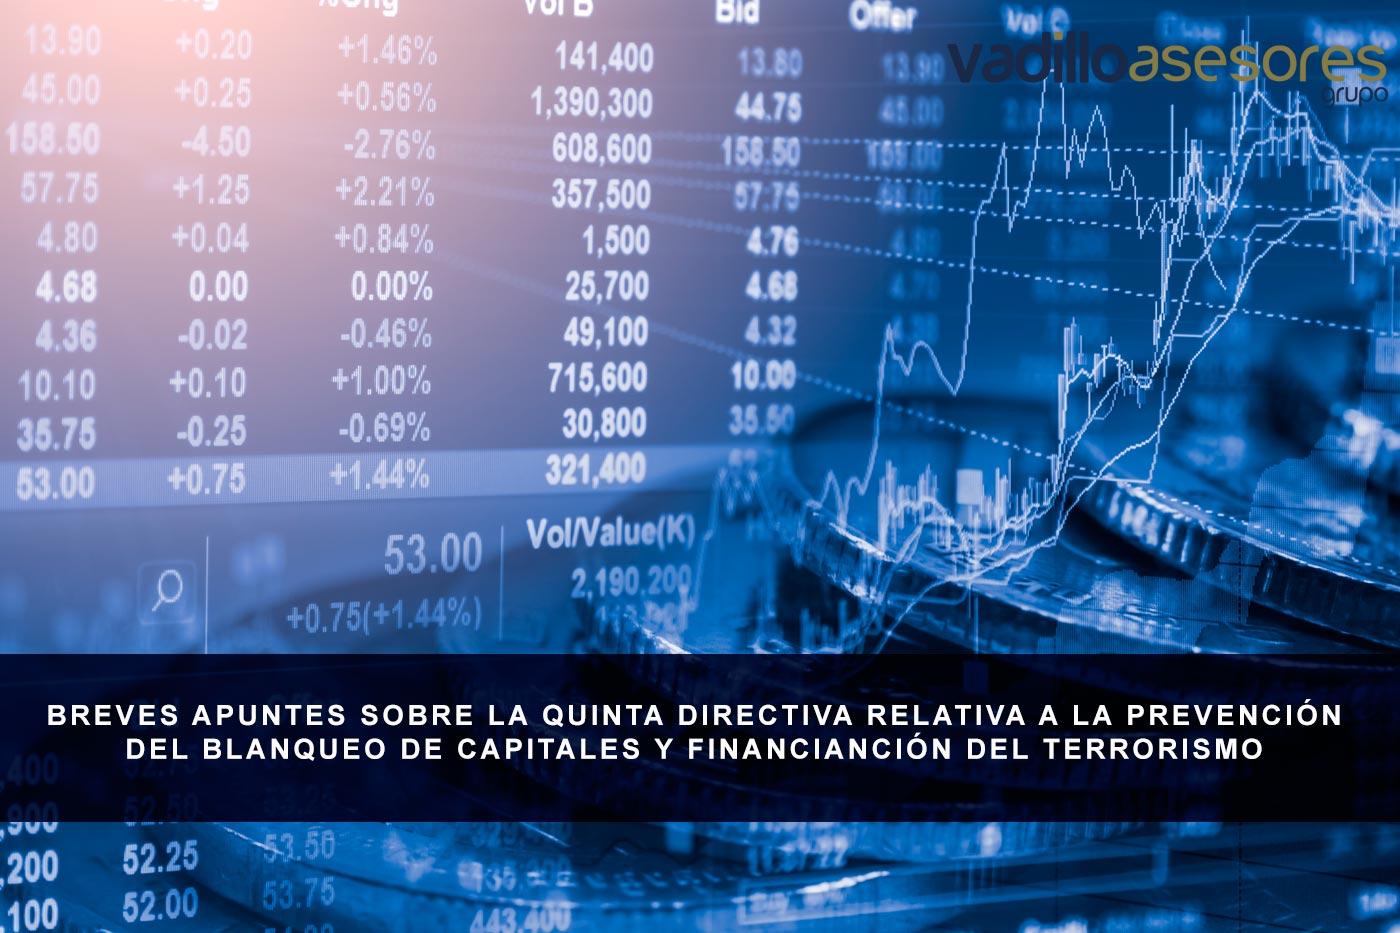 Breves apuntes sobre la quinta Directiva relativa a la Prevención del Blanqueo de Capitales y Financianción del Terrorismo